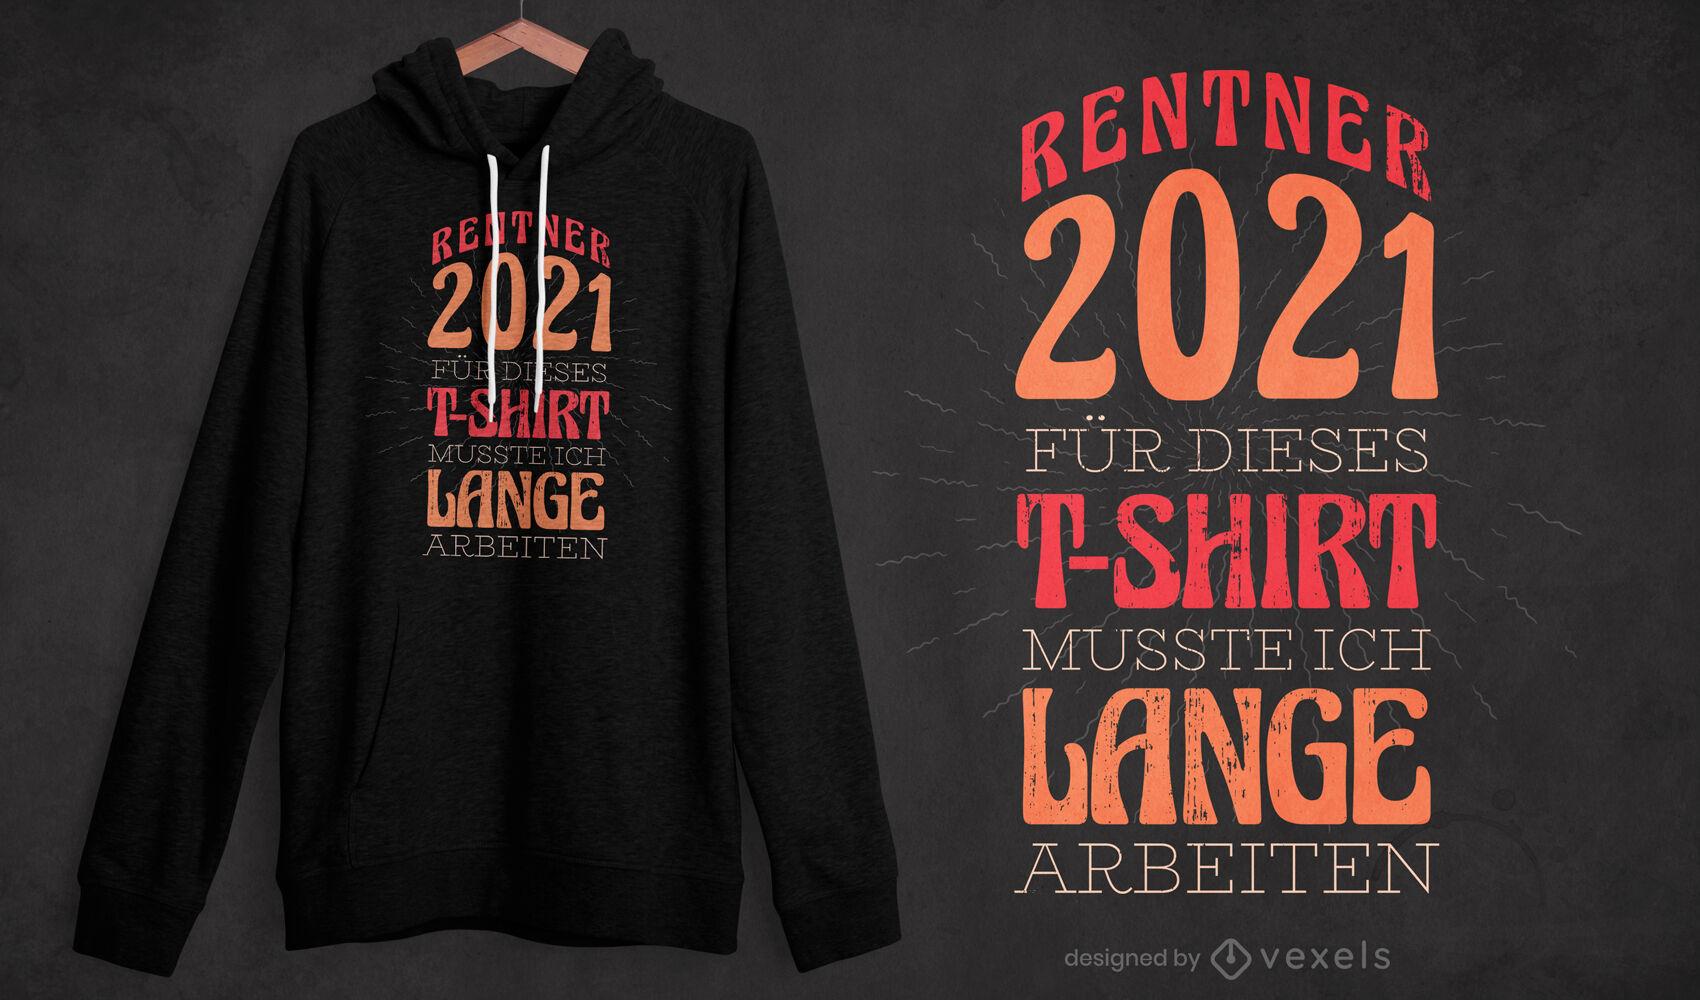 Diseño de camiseta alemán retirado 2021